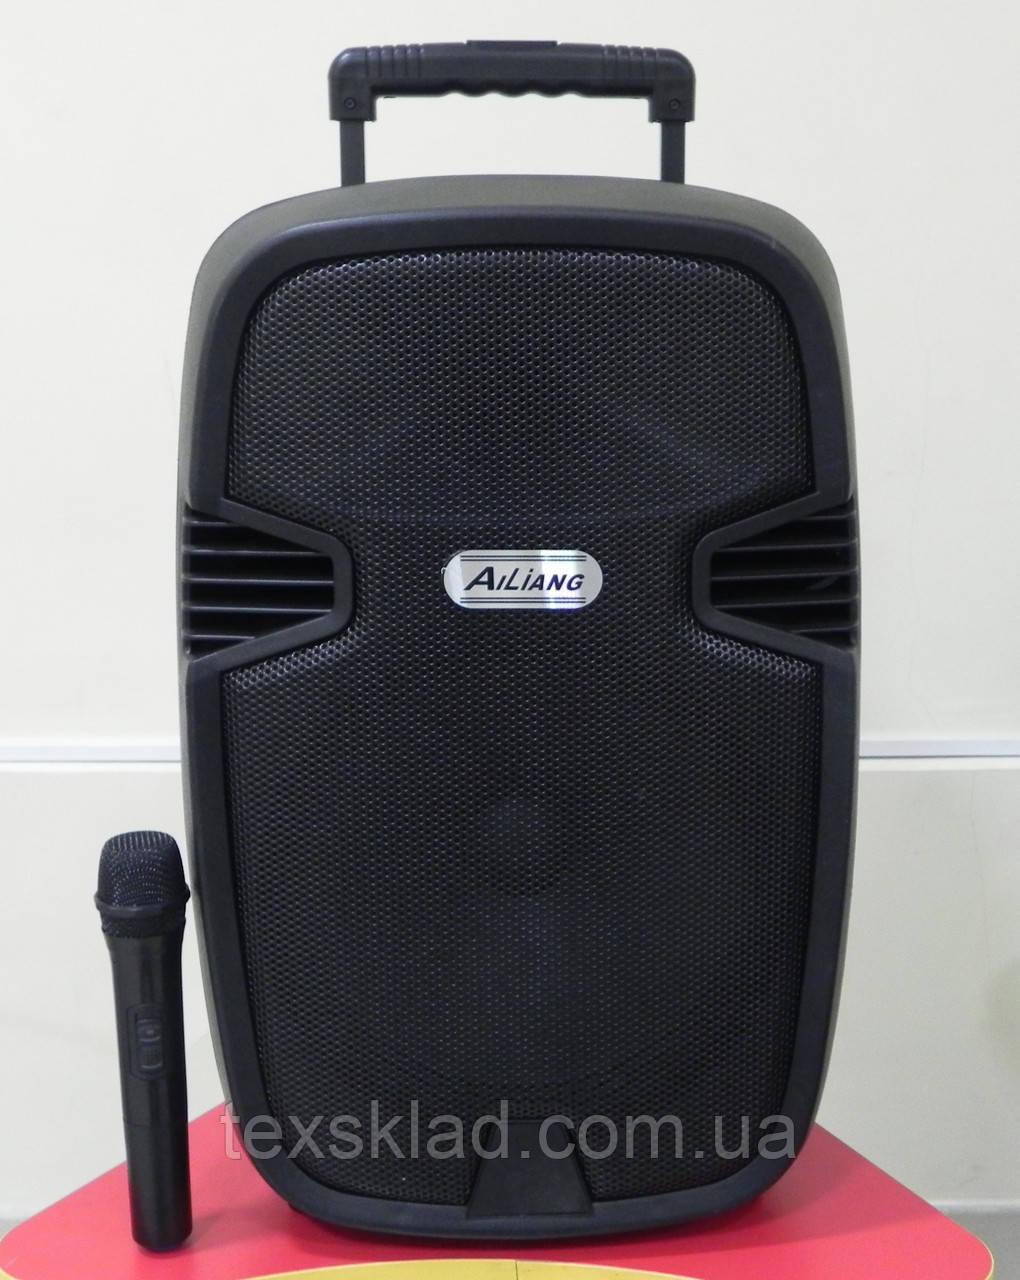 Портативная акустика AJ-12 с радиомикрофоном (USB/Bluetooth/Радио)